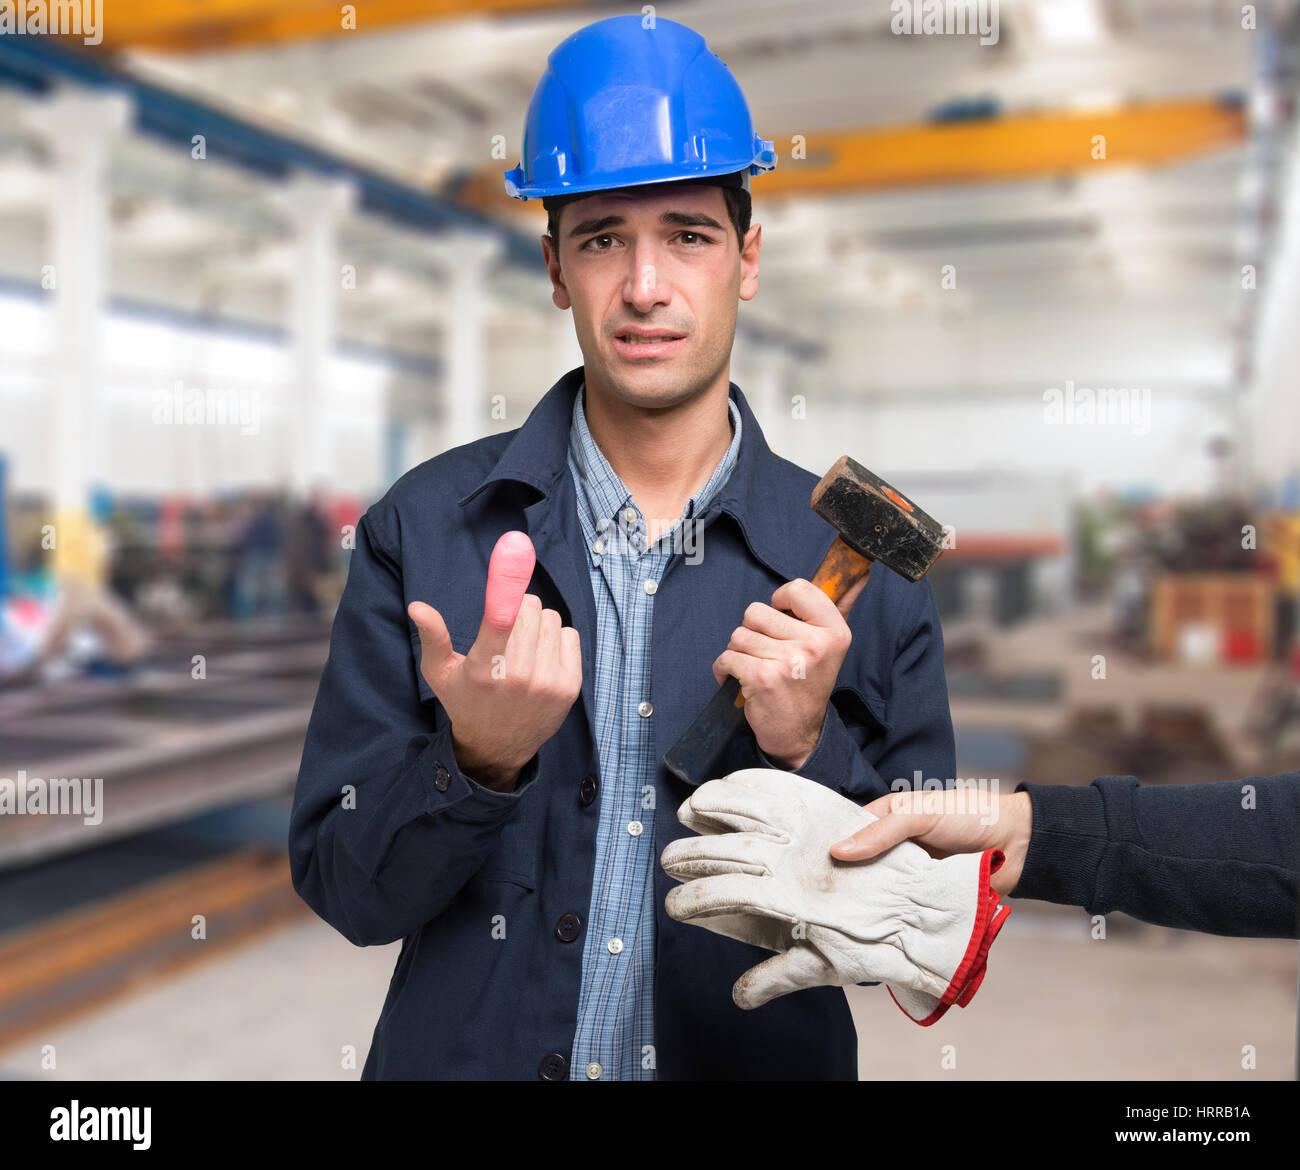 Travailleur souffrant d'un coup de marteau sur le doigt Photo Stock